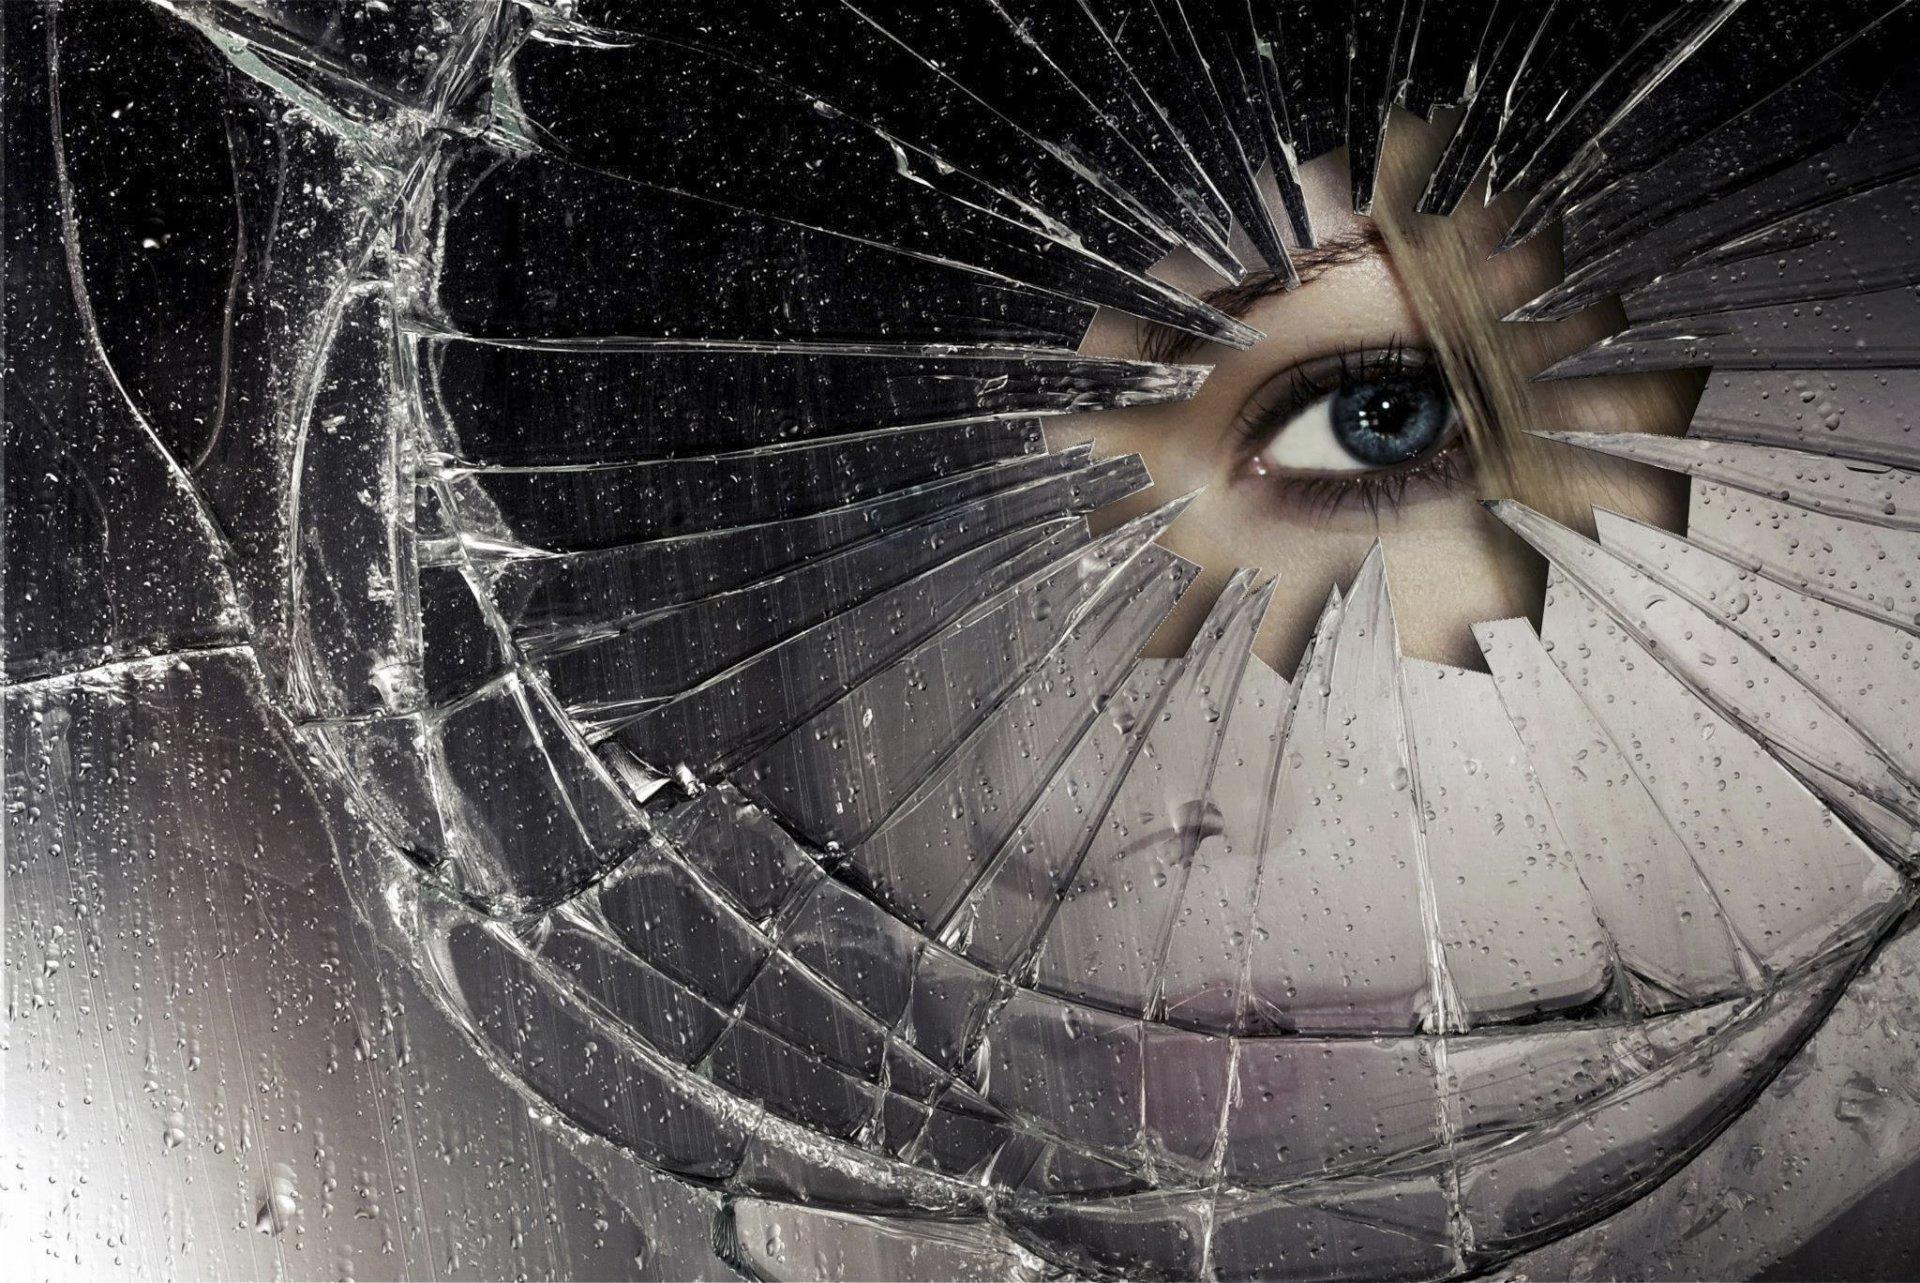 Rüyada Ayna Kırılması Görmek Ne Demek